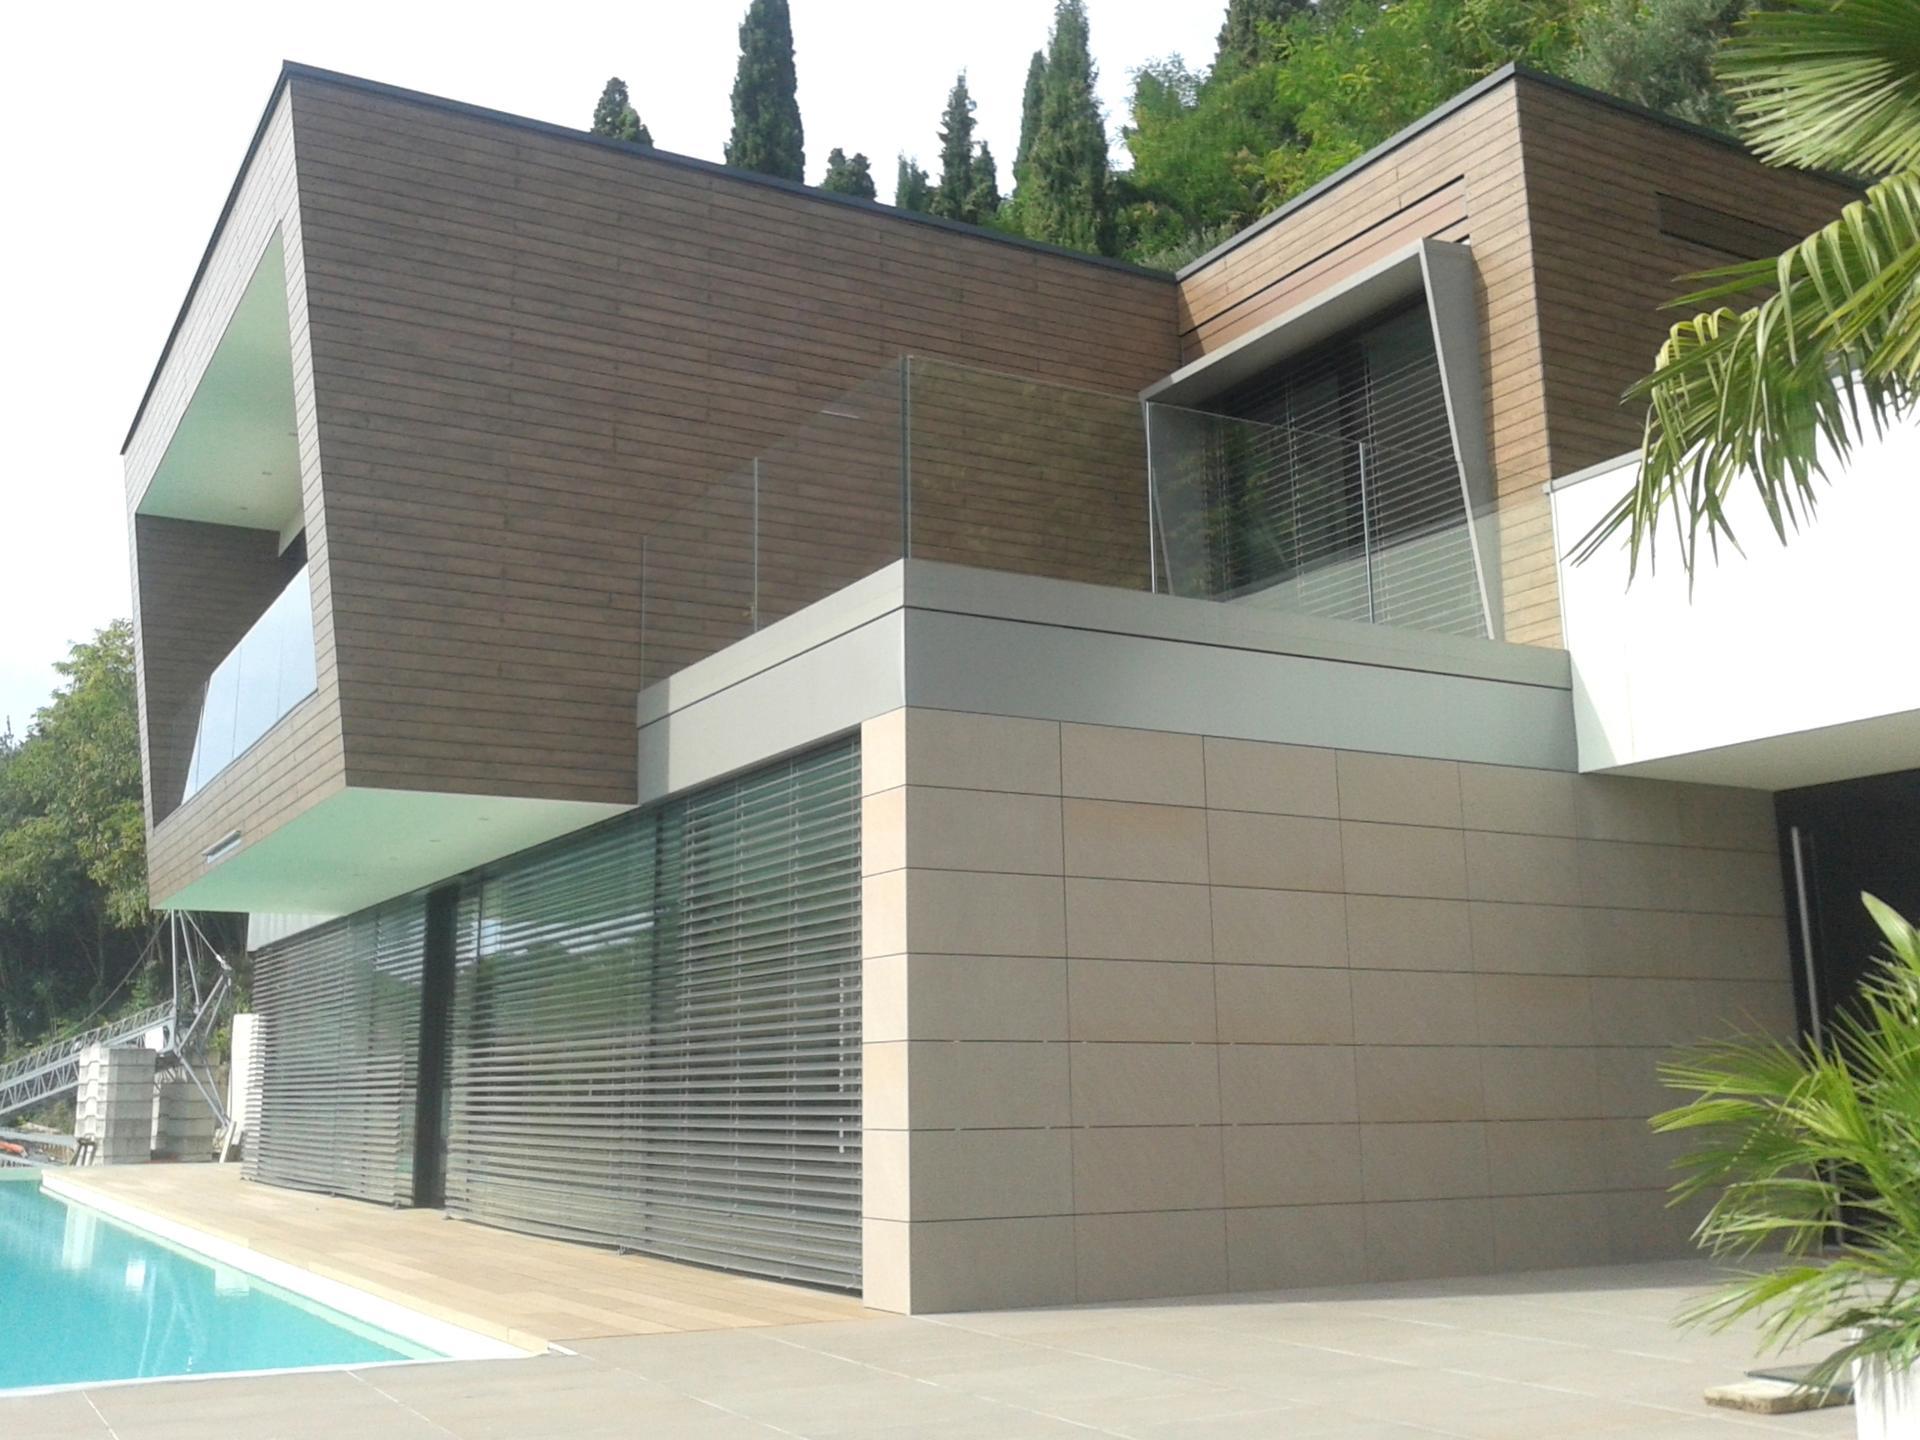 Case il legno trentino si occupa di case in legno con for Moderne case a telaio